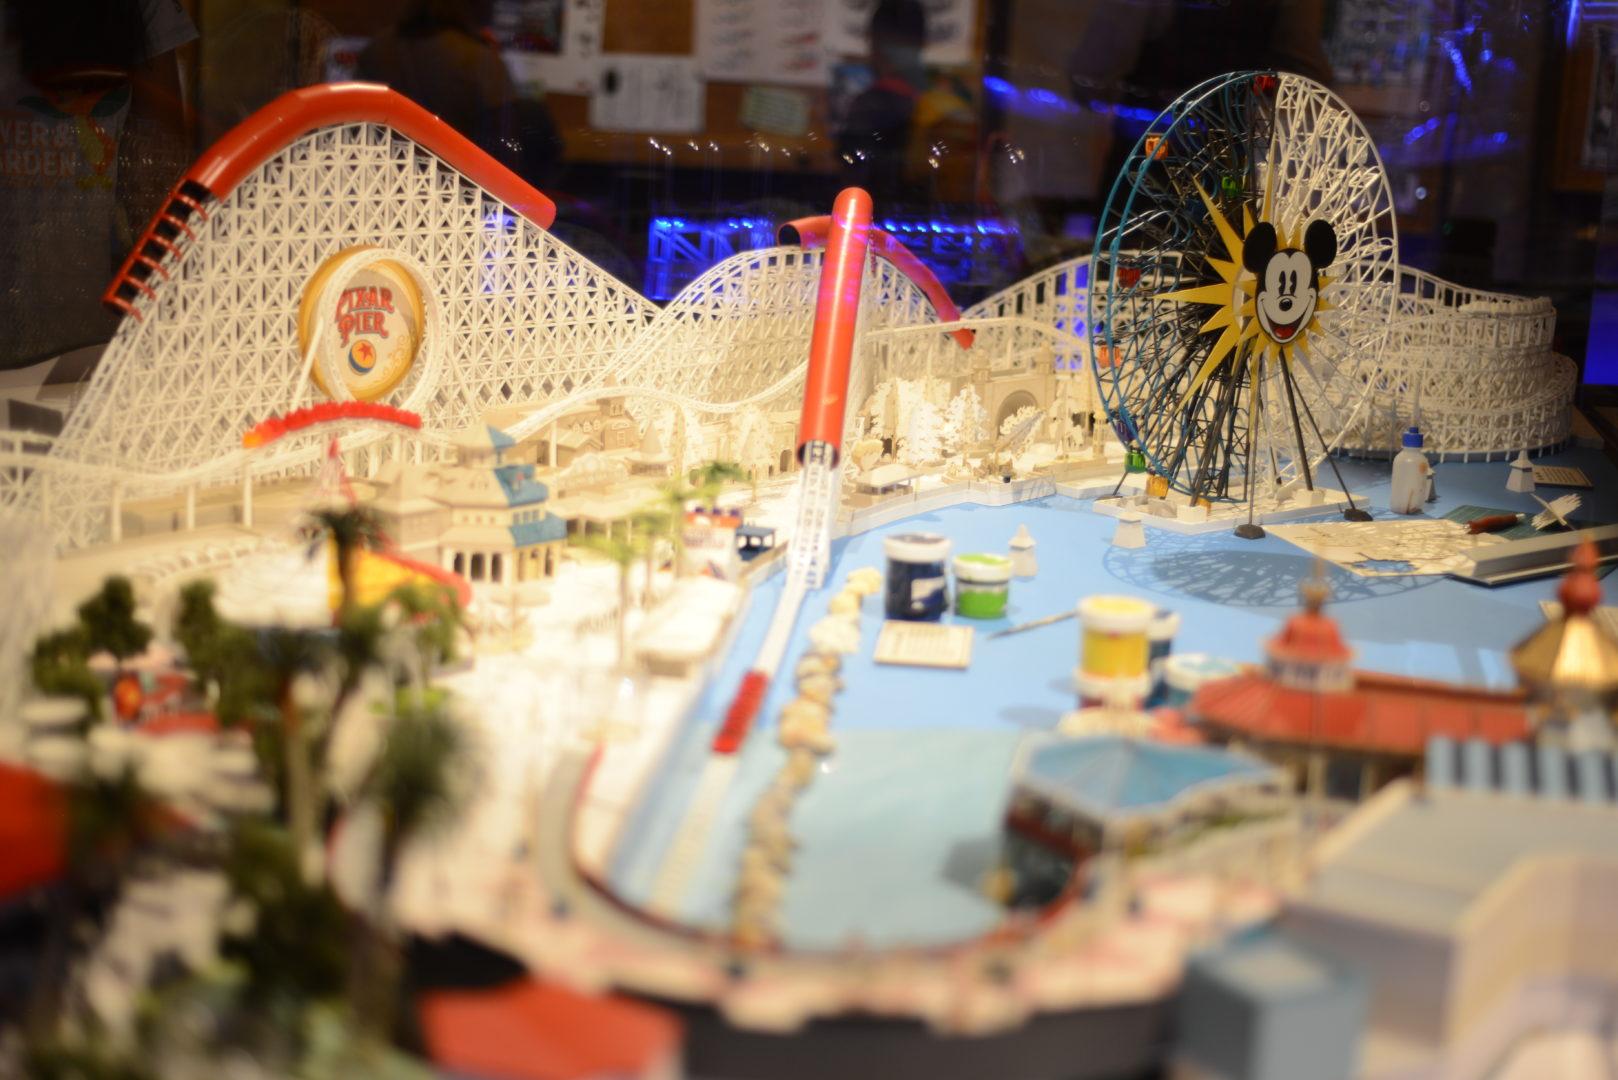 Pixar Pier Concept Model for Pixar Fest at Disneyland's California Adventure